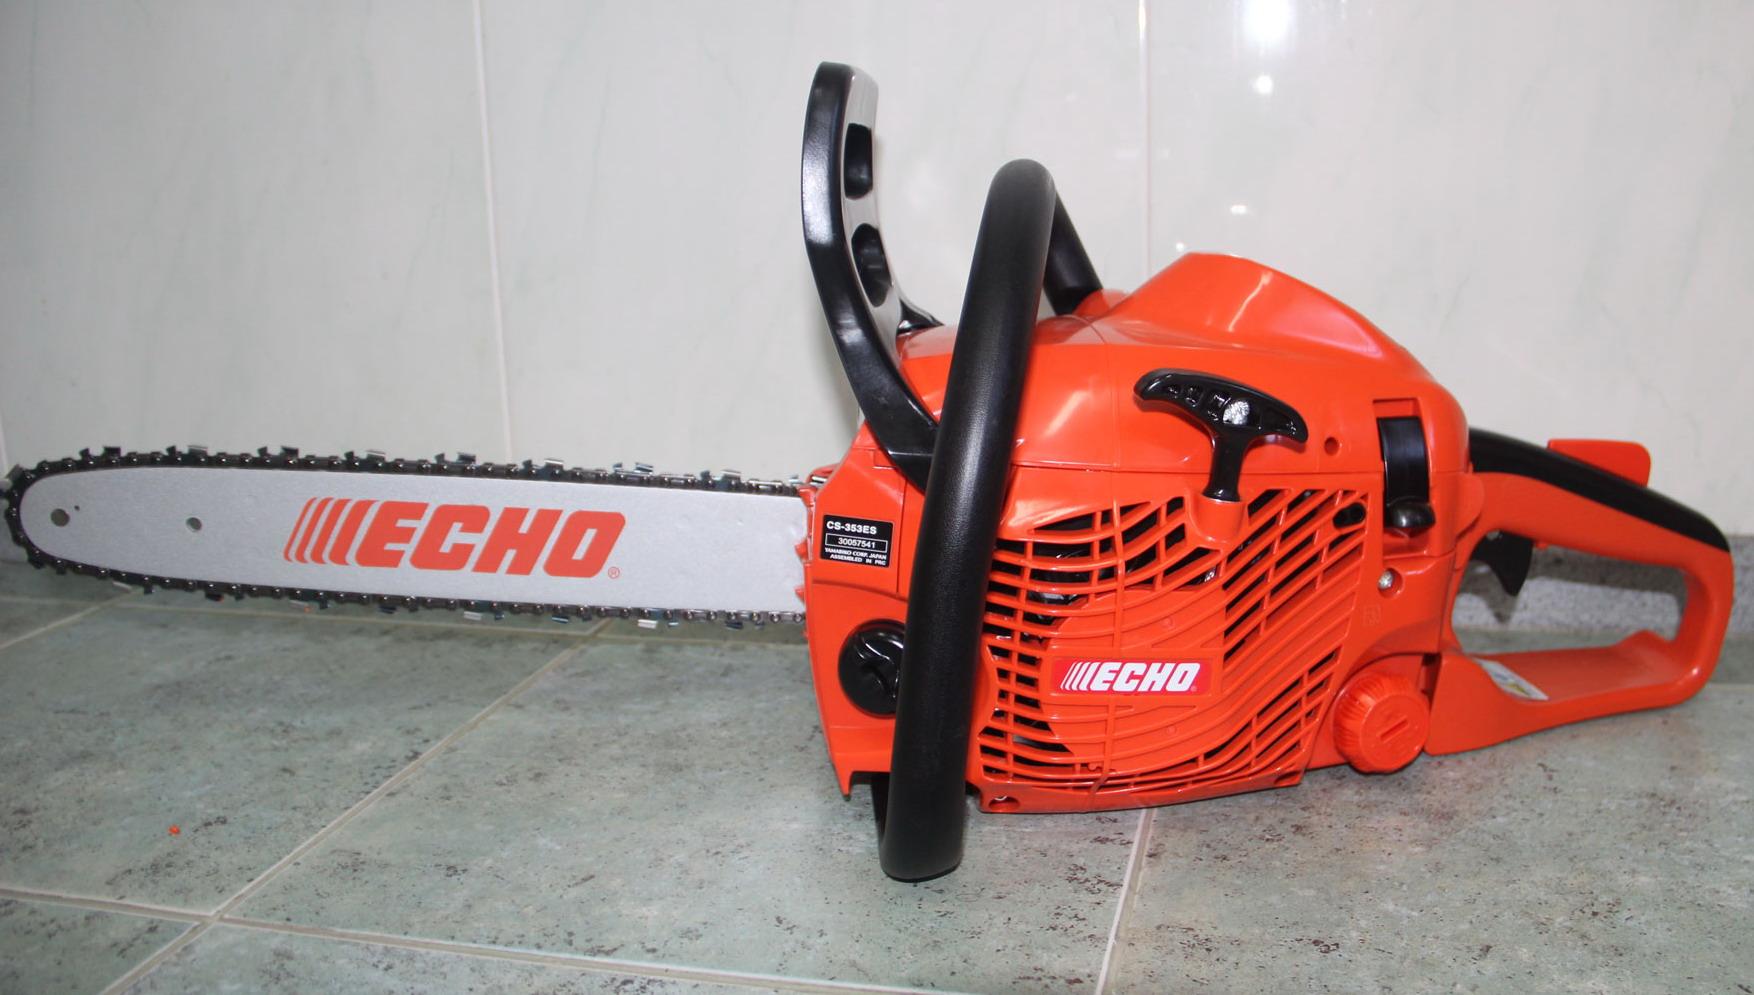 Бензопилы echo (эхо) — модели их характеристики, особенности